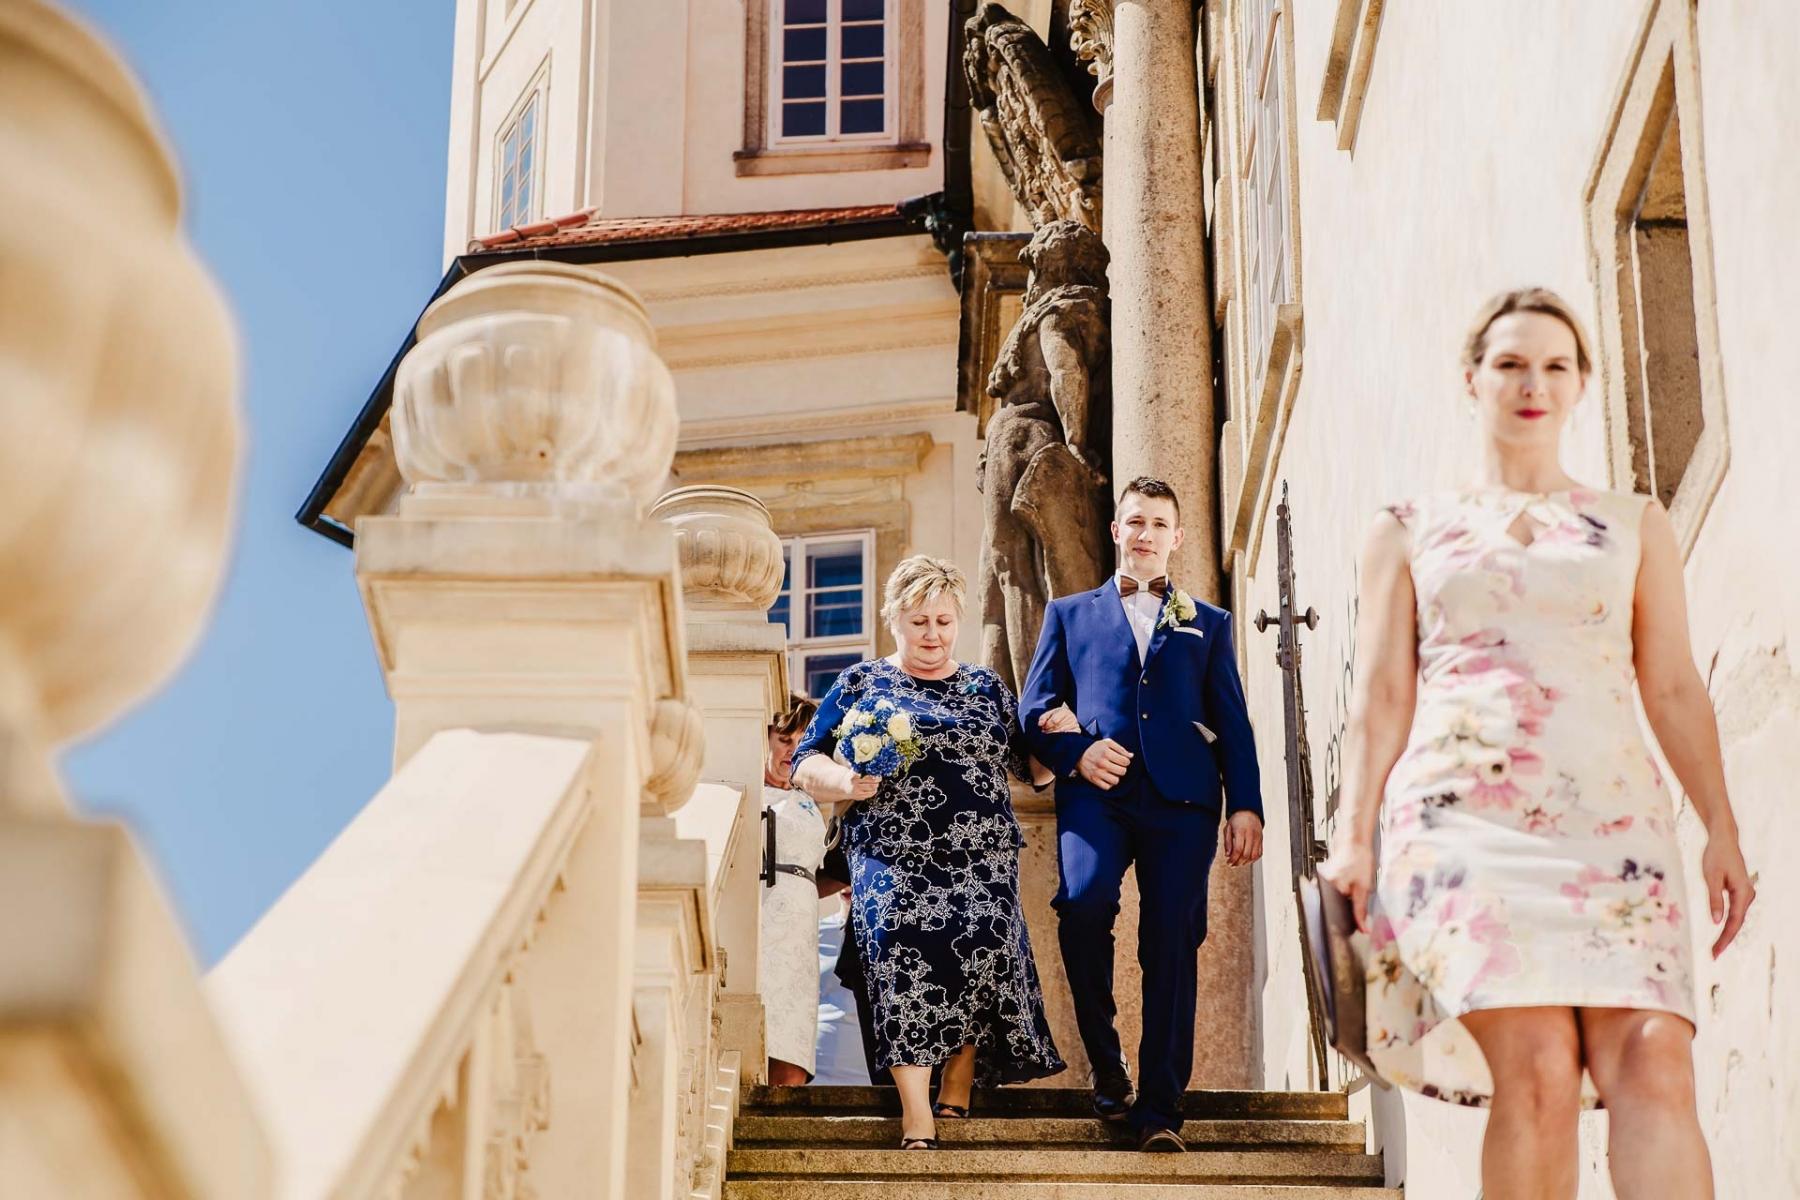 svatební fotograf zámek Mníšek pod Brdy, svatba na zámku, letní nejkrásnější zámecká svatba, Bára a Ondra-26